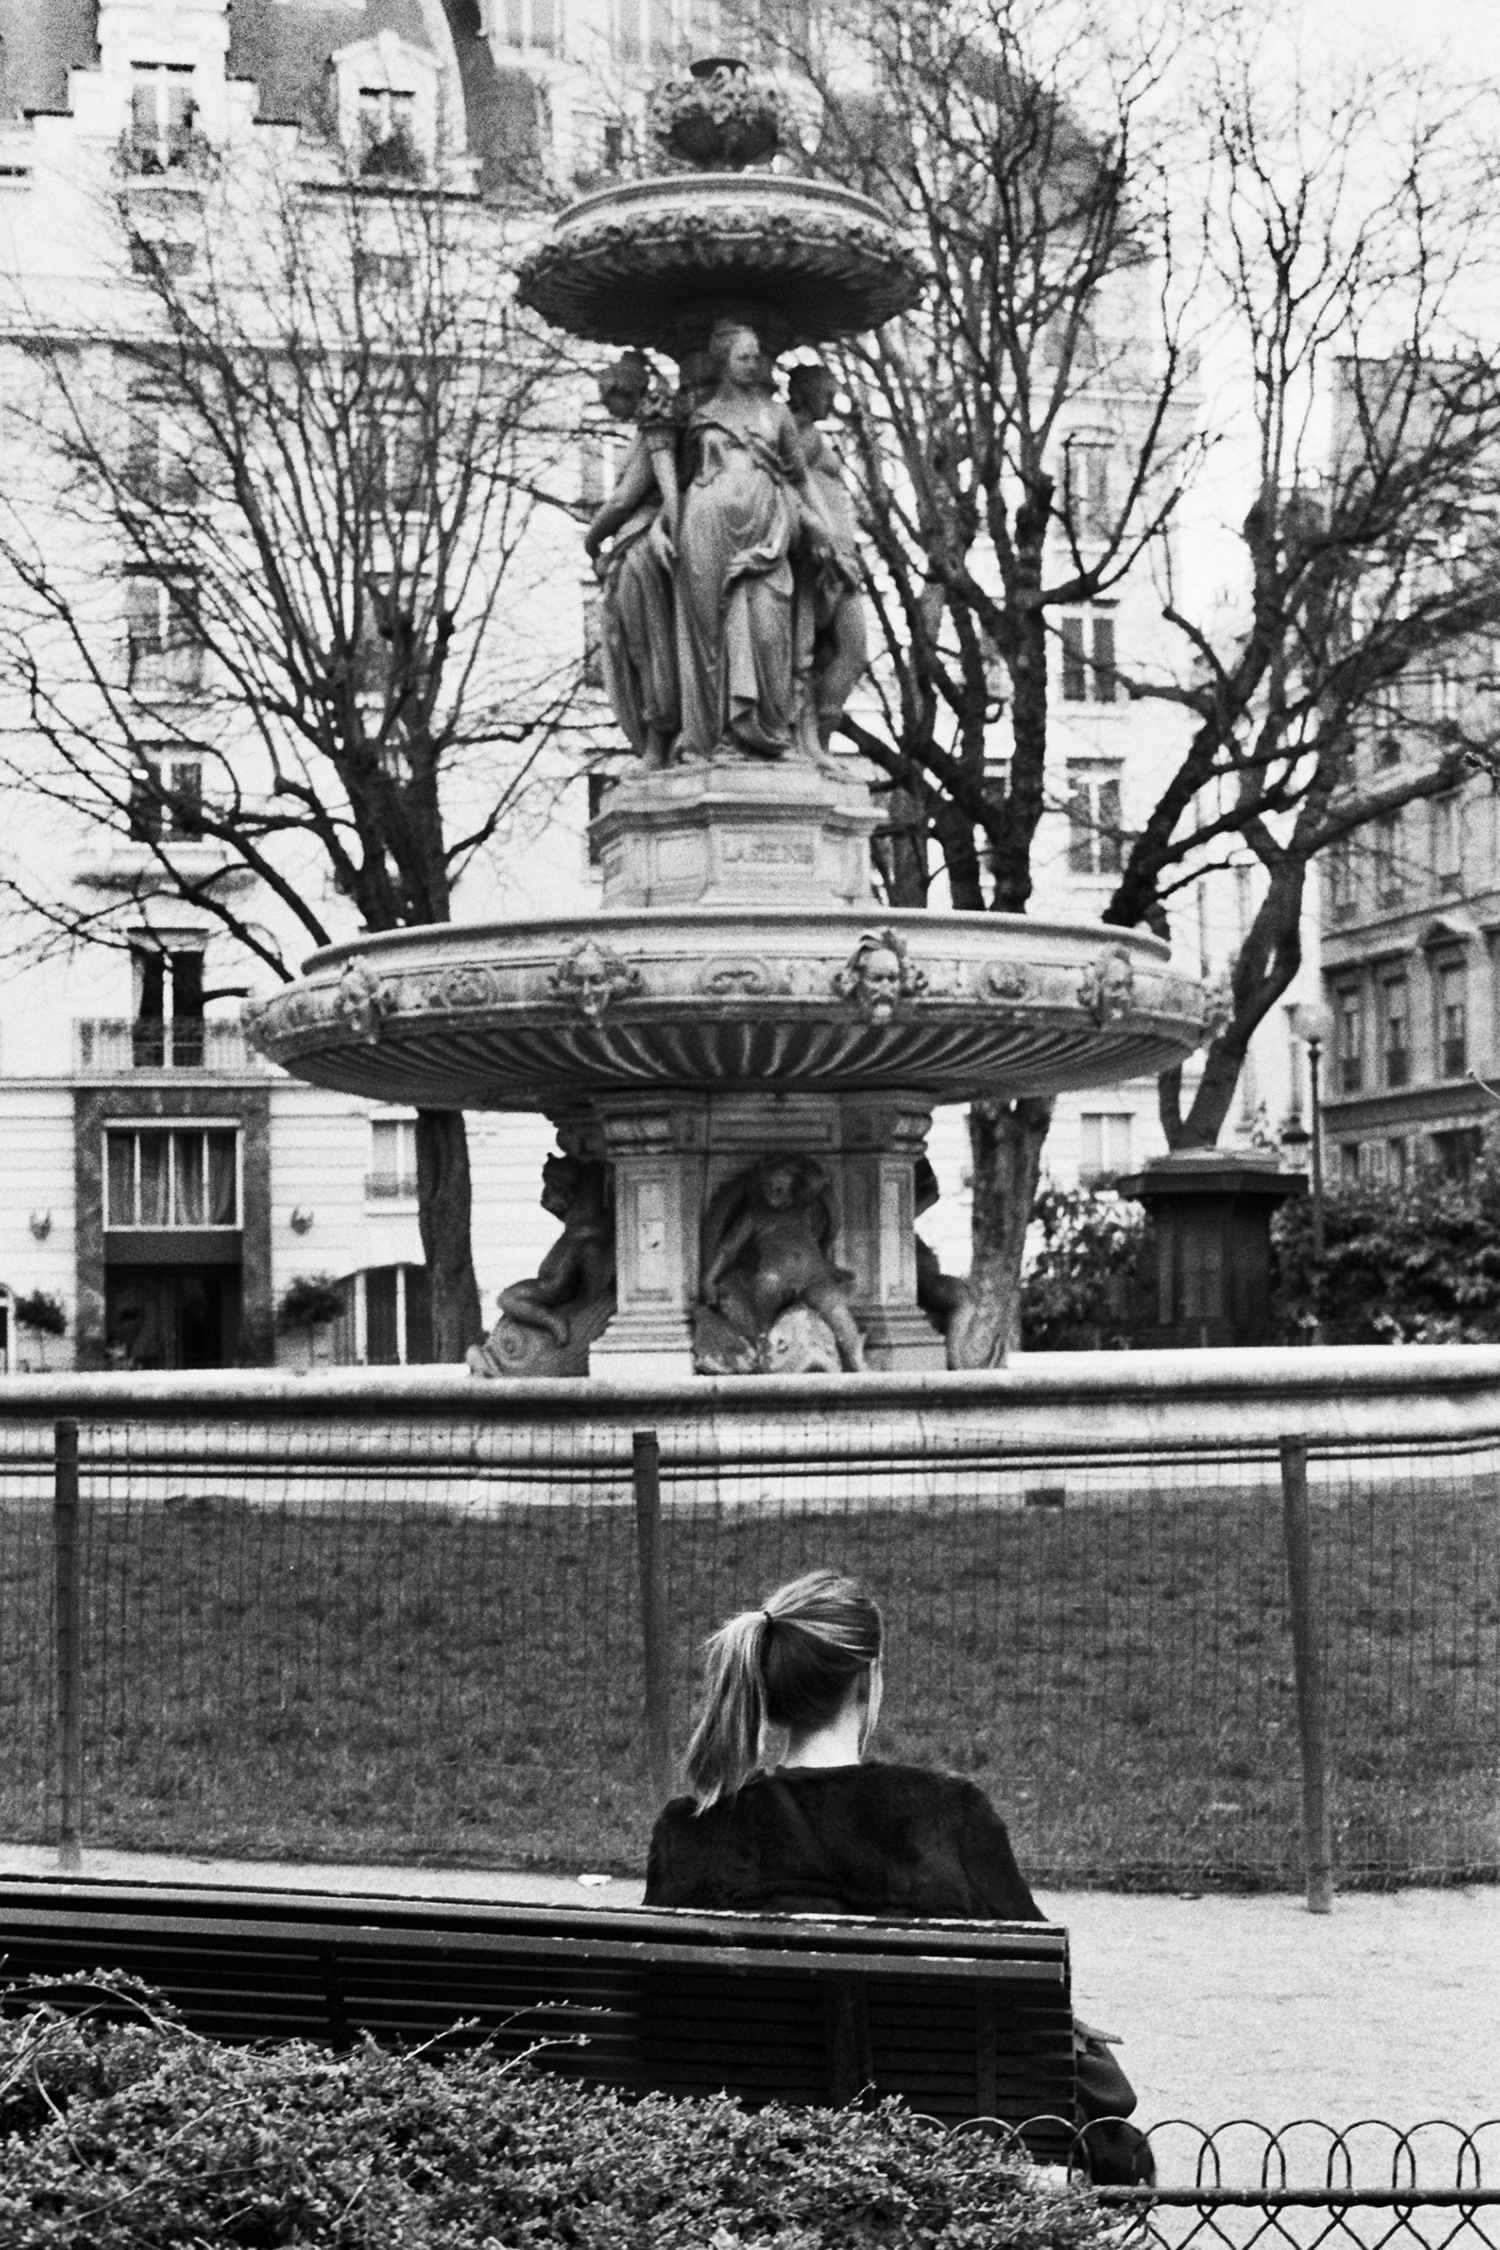 Paris_In_the_Winter053